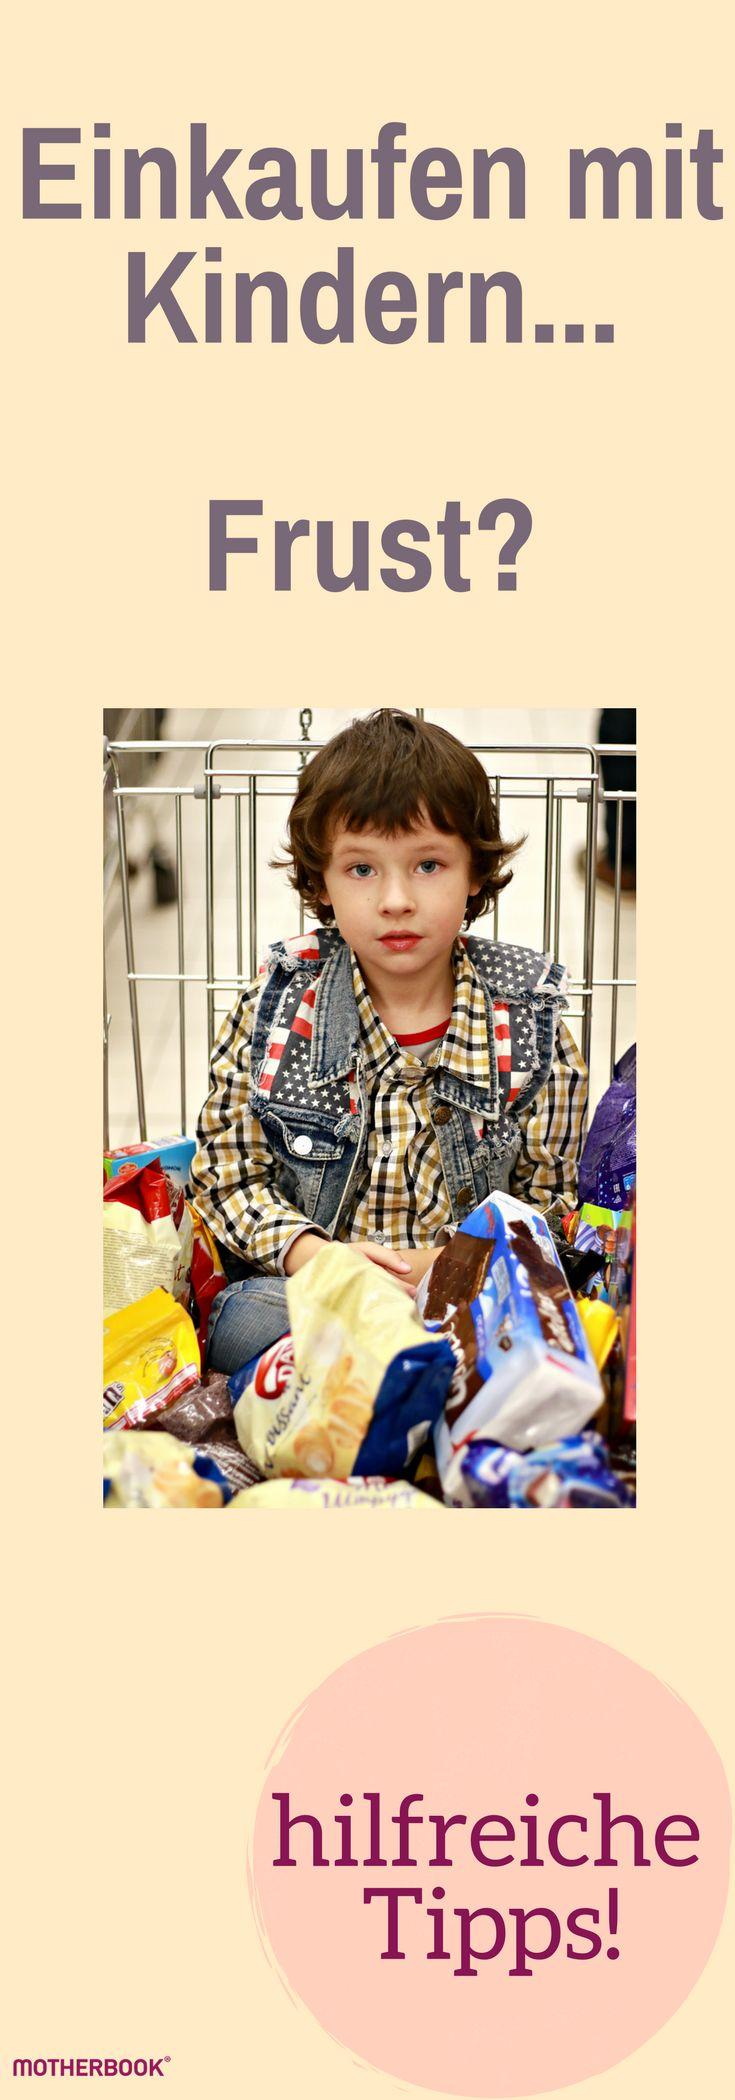 Einkaufen mit Kind löst bei vielen Müttern Angst und Frust aus! Wir haben hilfreiche Tipps, wie du entspannt einkaufen kannst. #motherbook #kinder #familie #muetter